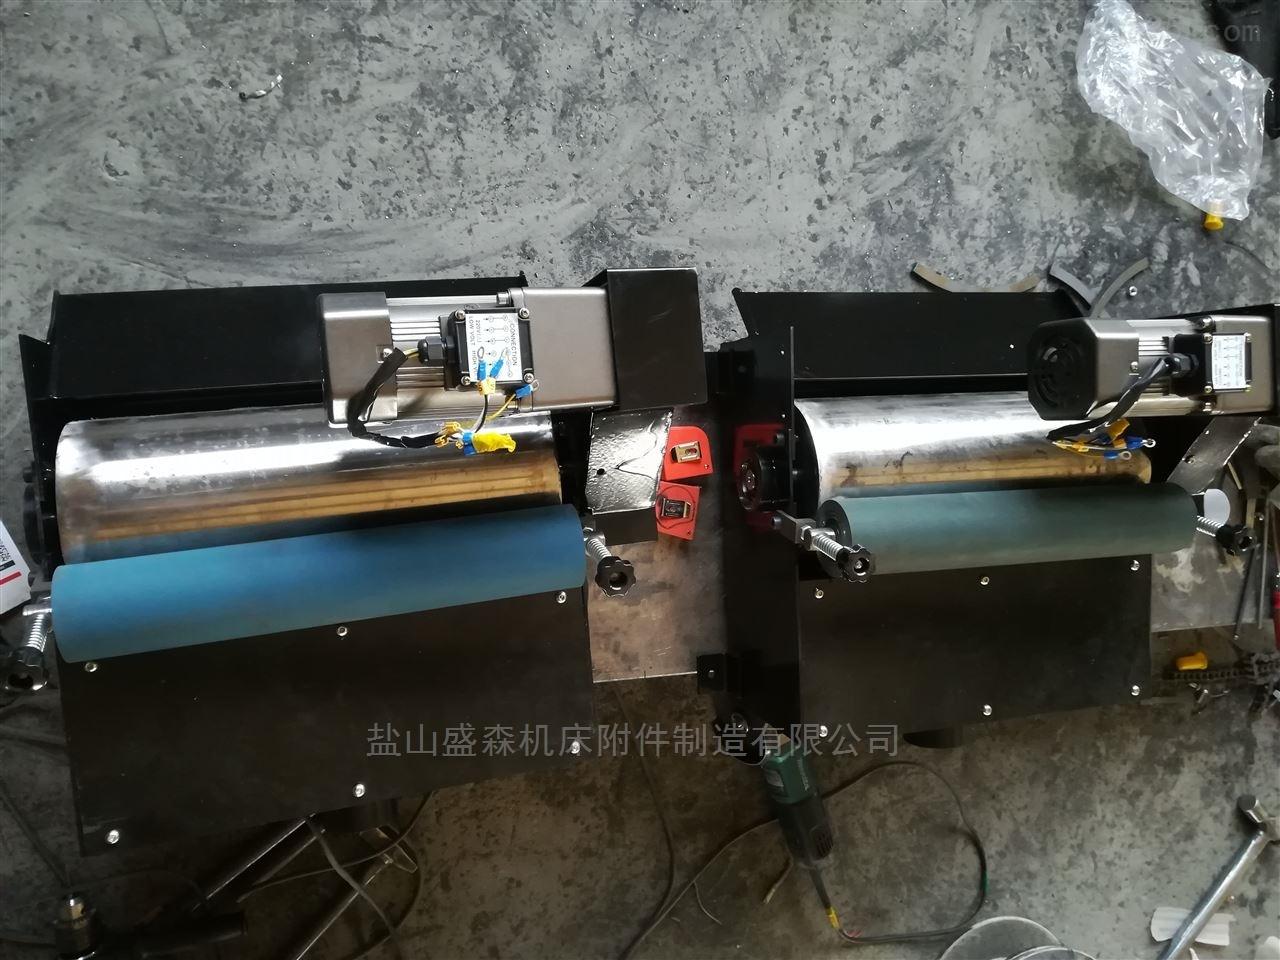 外圆磨床磁性分离器生产厂家